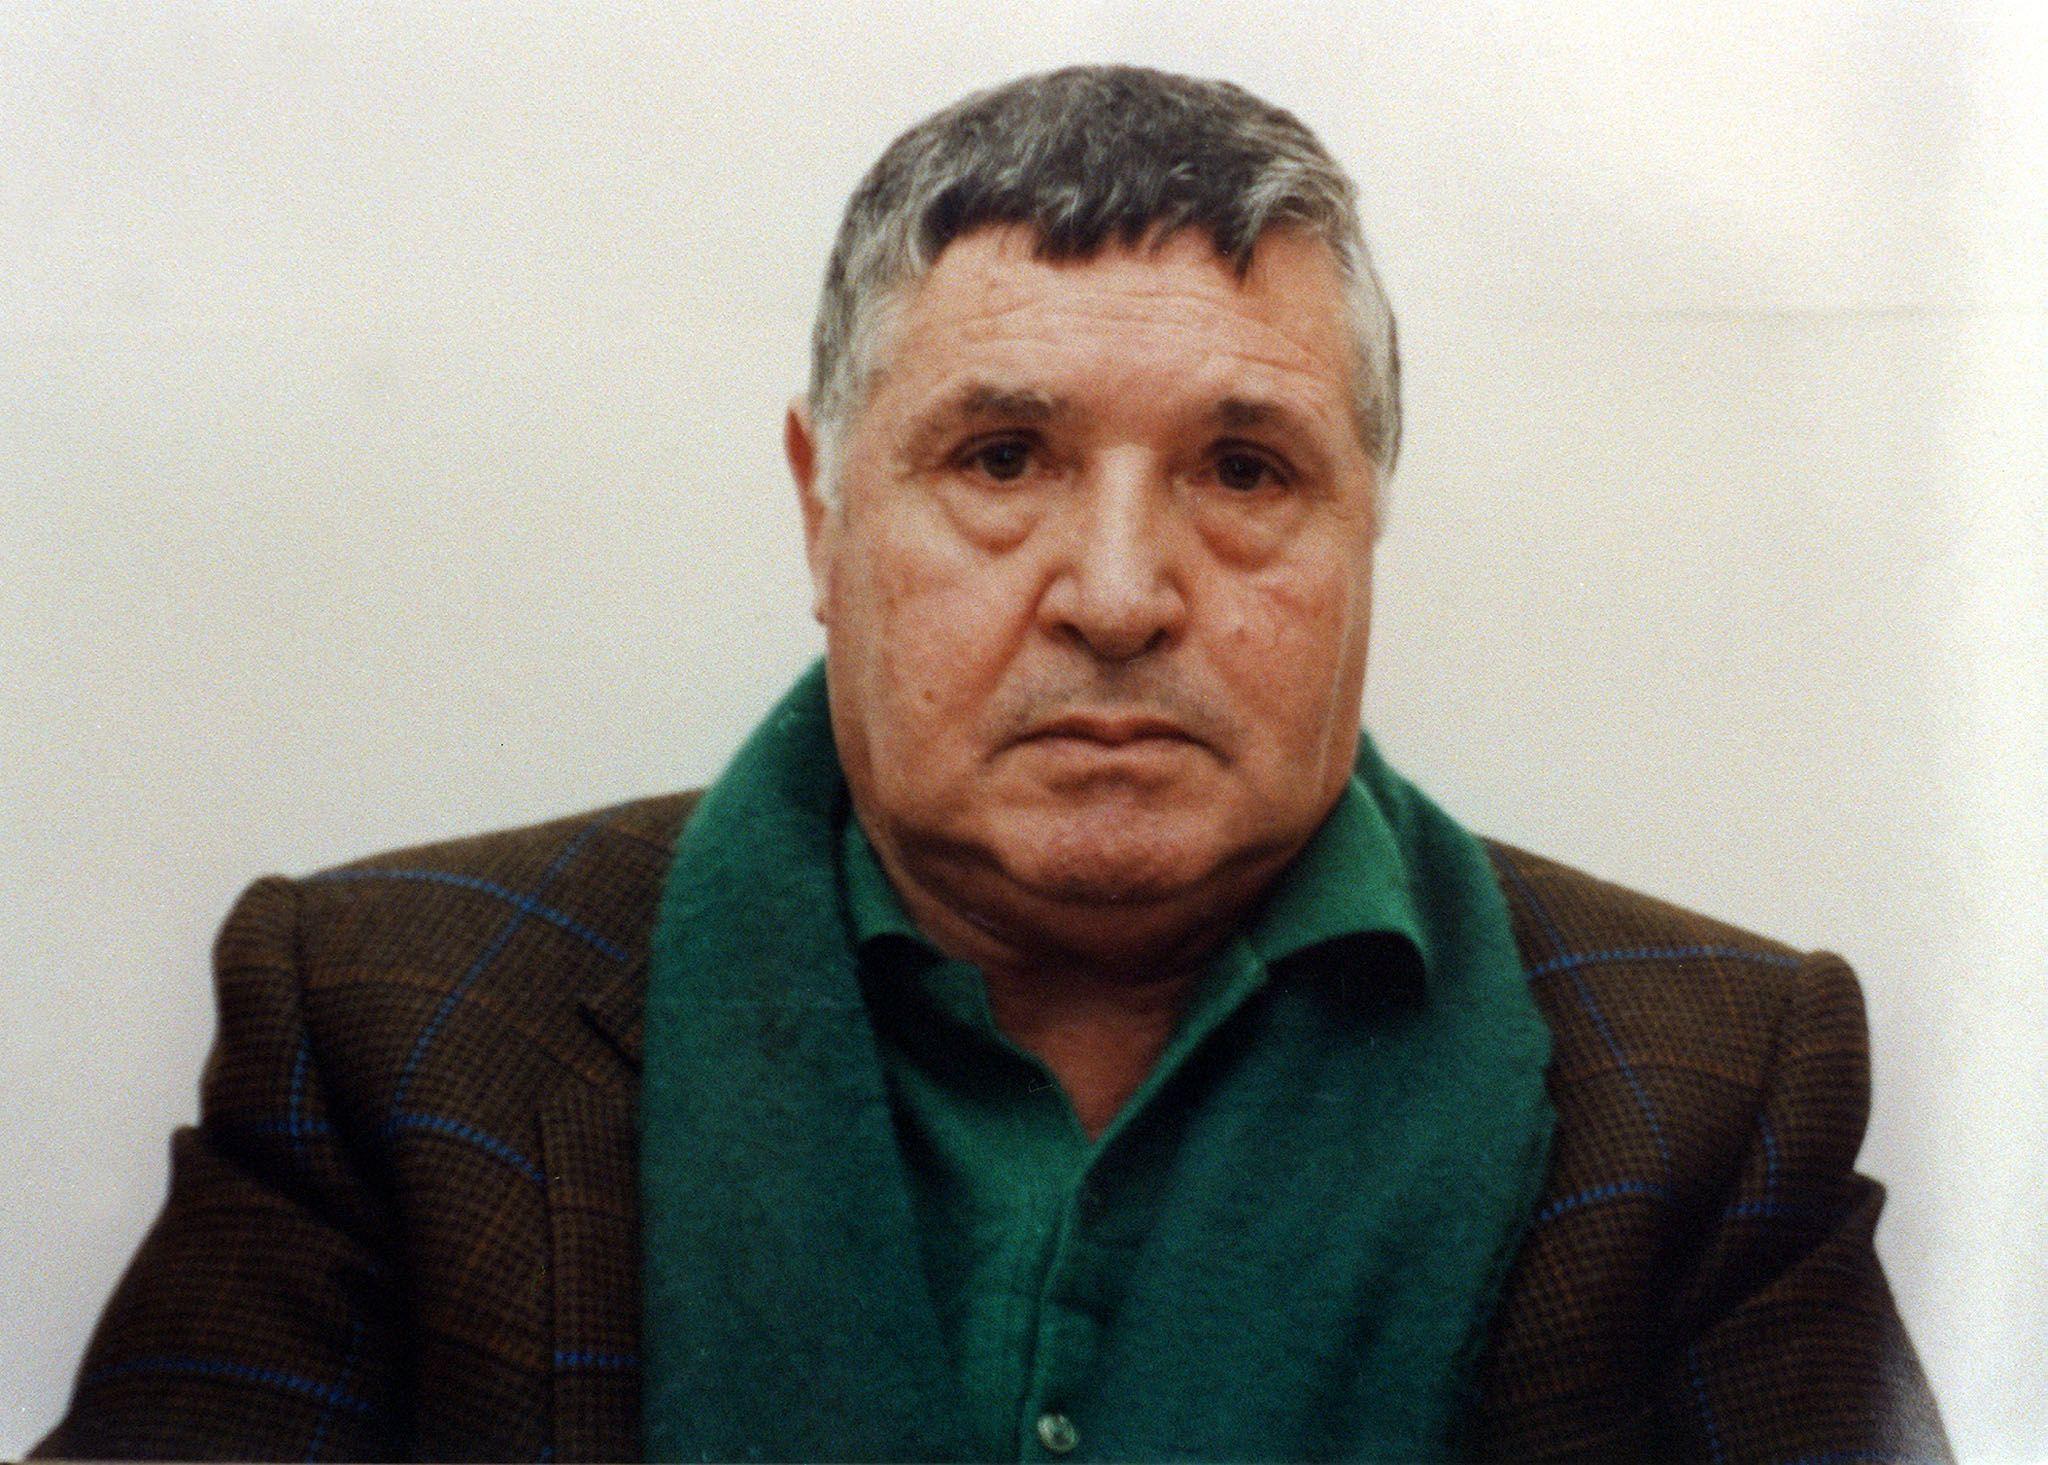 Mafia: morto Totò Riina, il boss che fece guerra a Stato